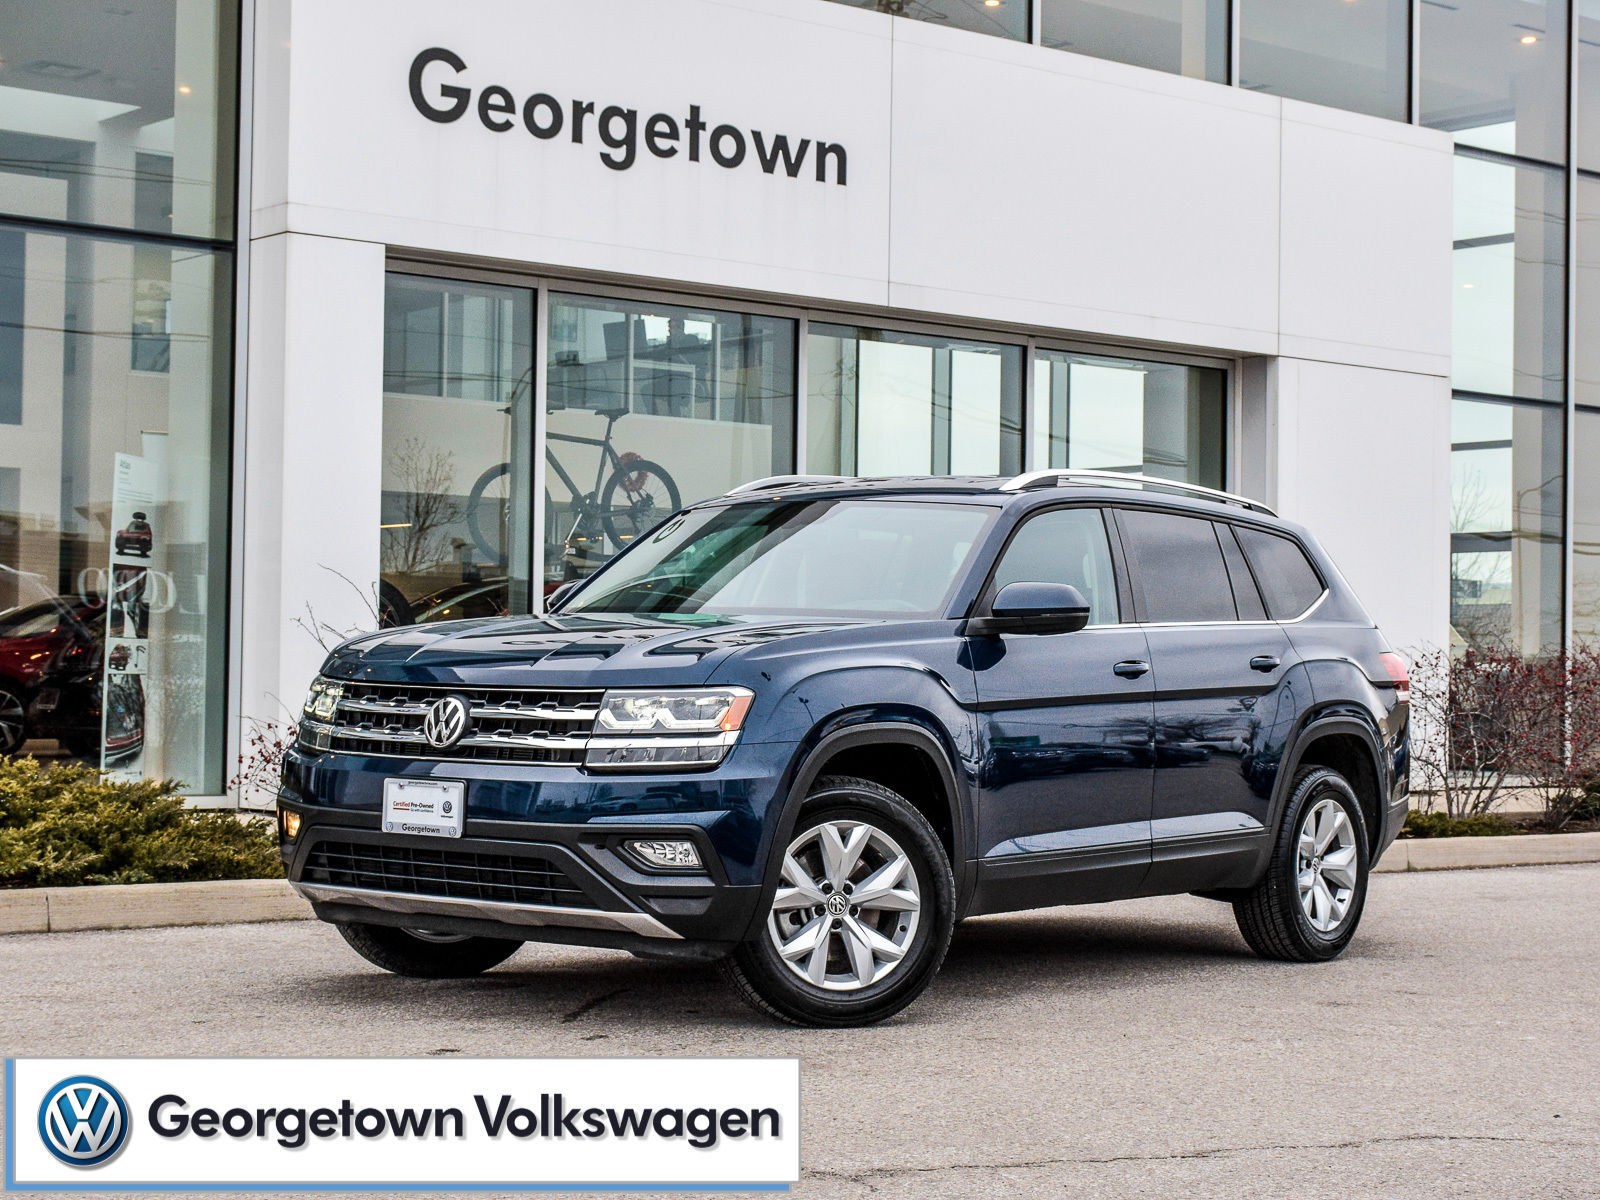 Used 2019 Volkswagen Atlas Comfortline 3 6 Awd Rearcam Appconnect In Georgetown Used Inventory Georgetown Volkswagen In Georgetown Ontario